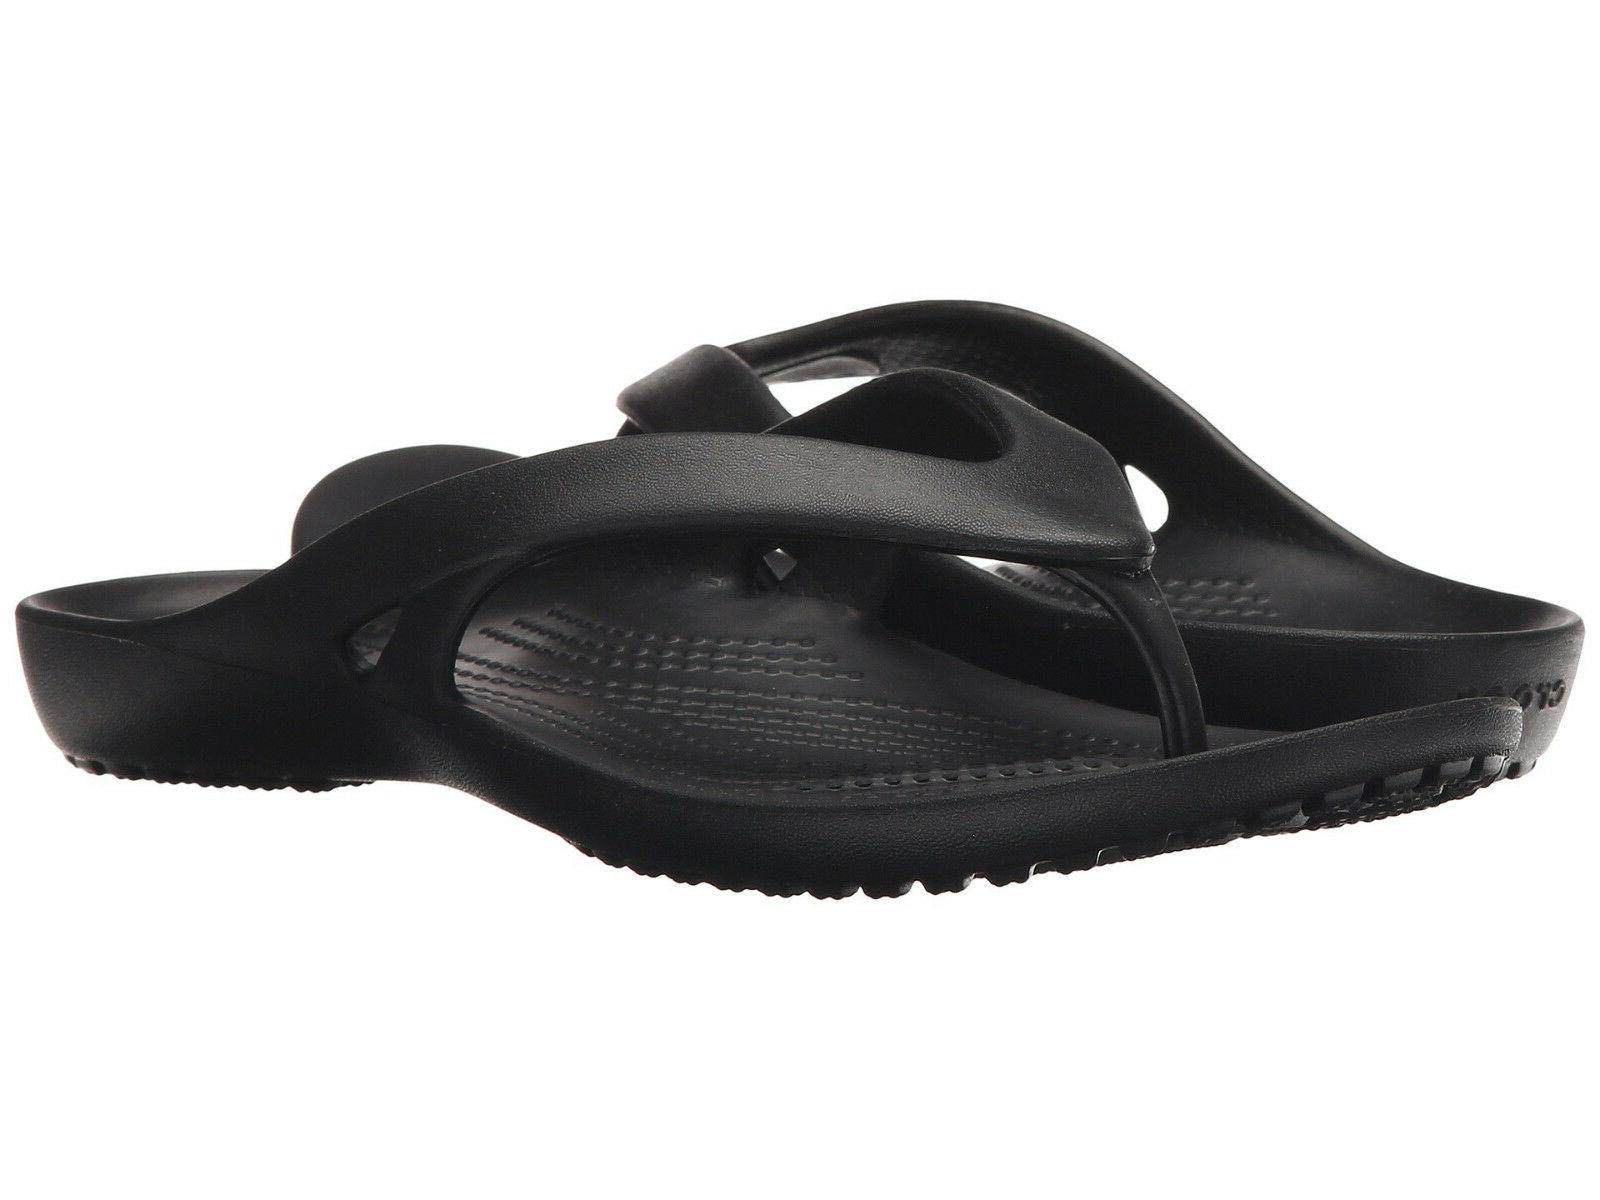 Women Crocs Kadee II Flip Flop Sandal 202492-001 Black 100%